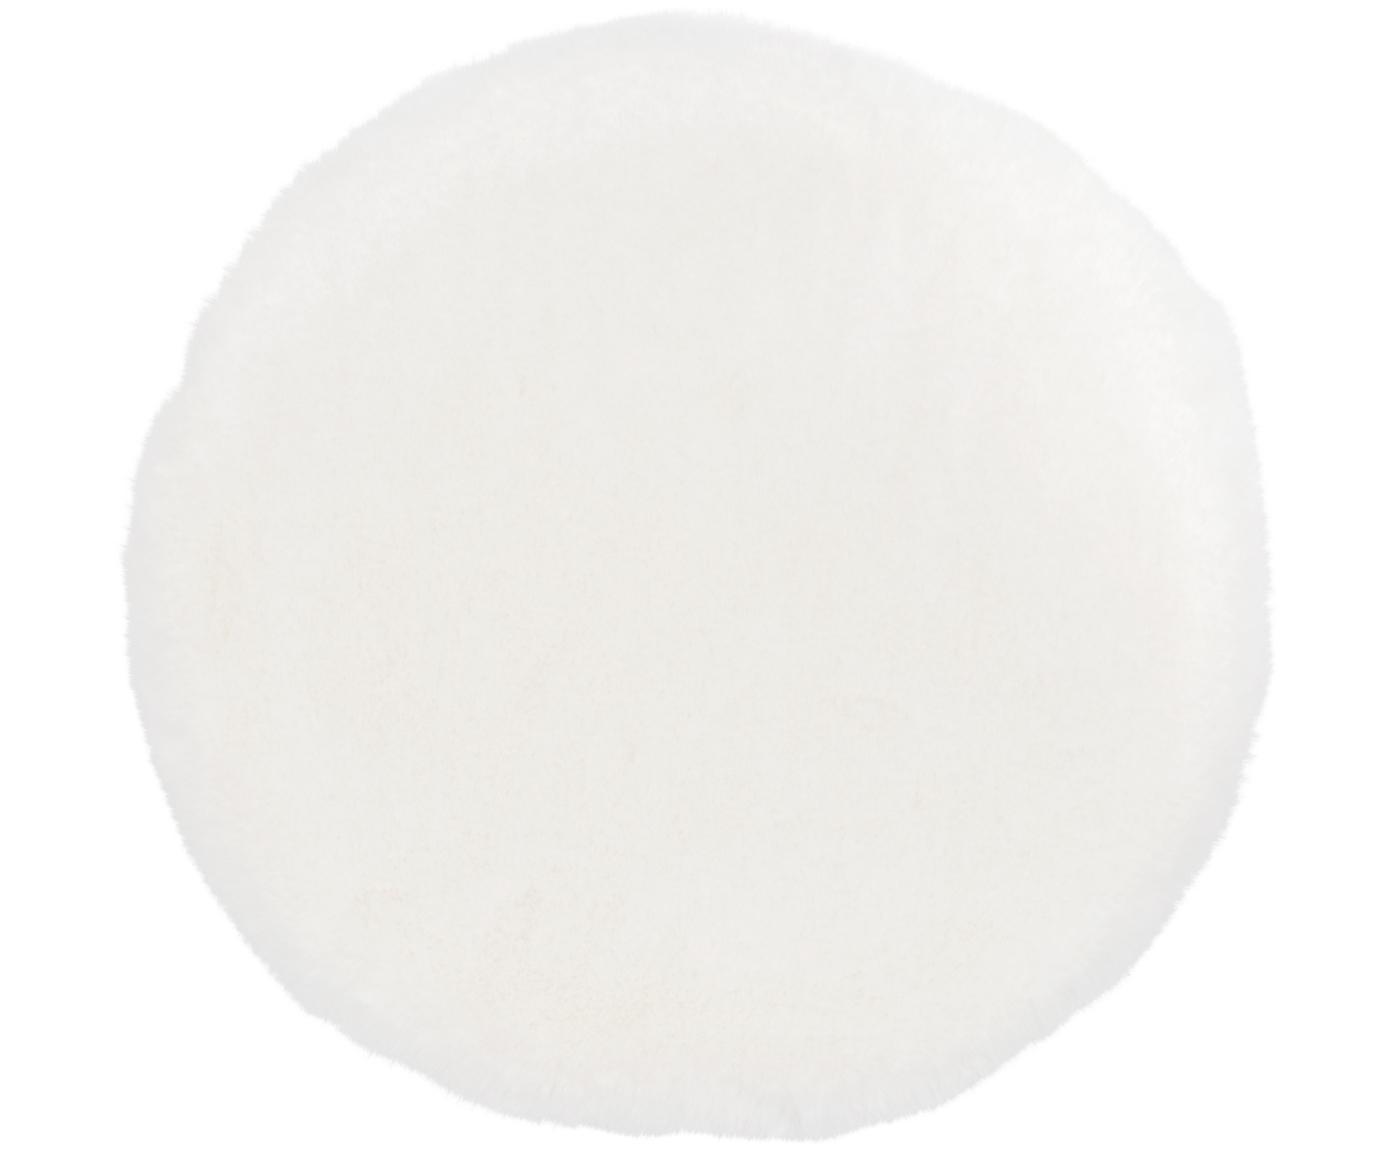 Cojín de asiento de piel sintética Matte, Parte delantera: 100%poliéster, Parte trasera: 100%poliéster, Crema, Ø 37 cm